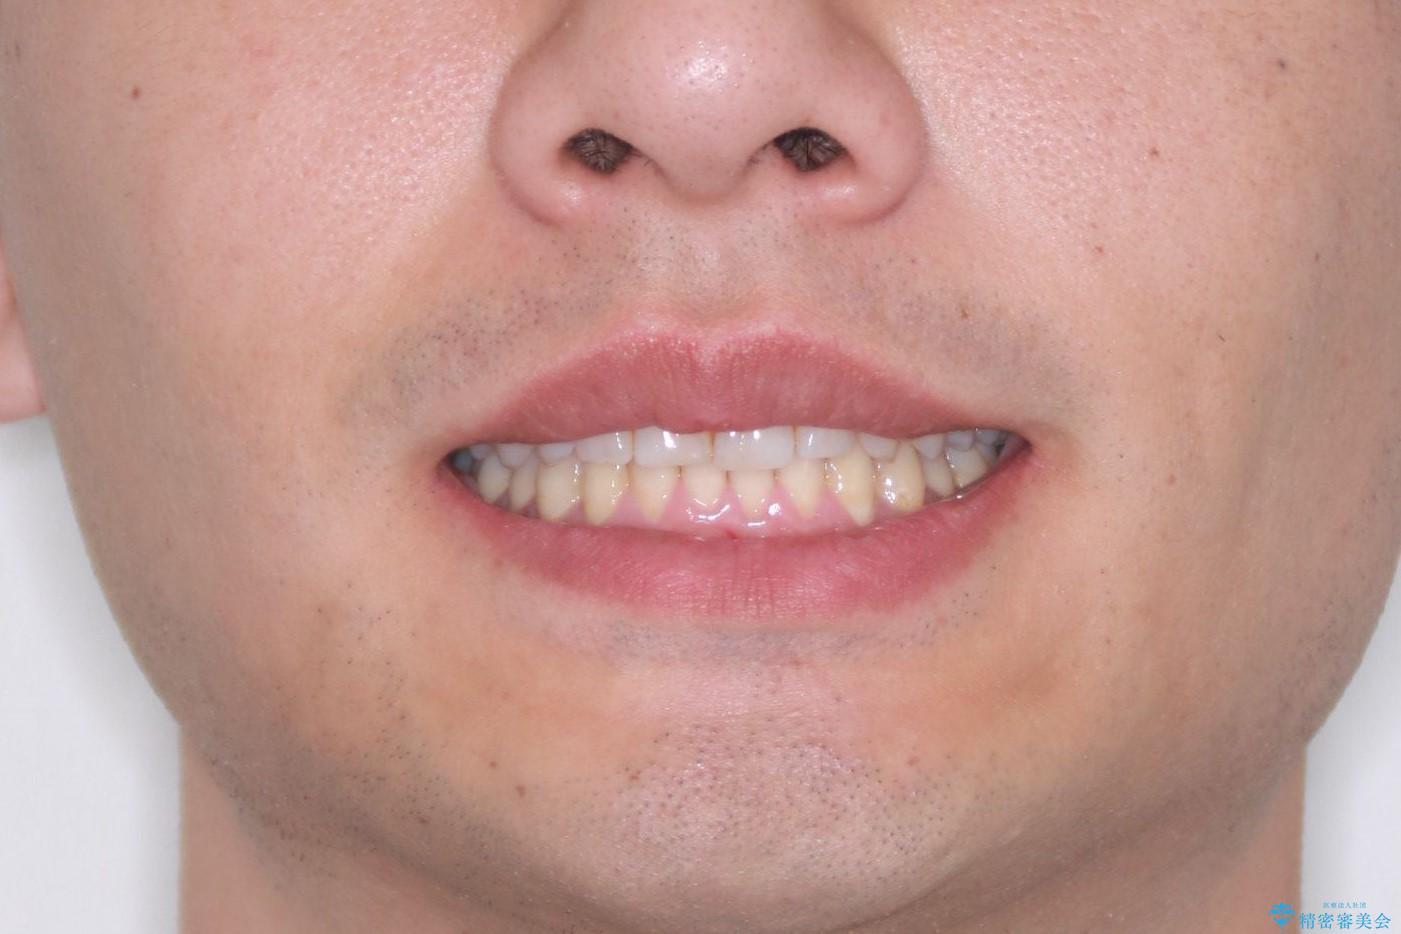 下の前歯のがたがたを治したい。インビザラインライトの治療後(顔貌)